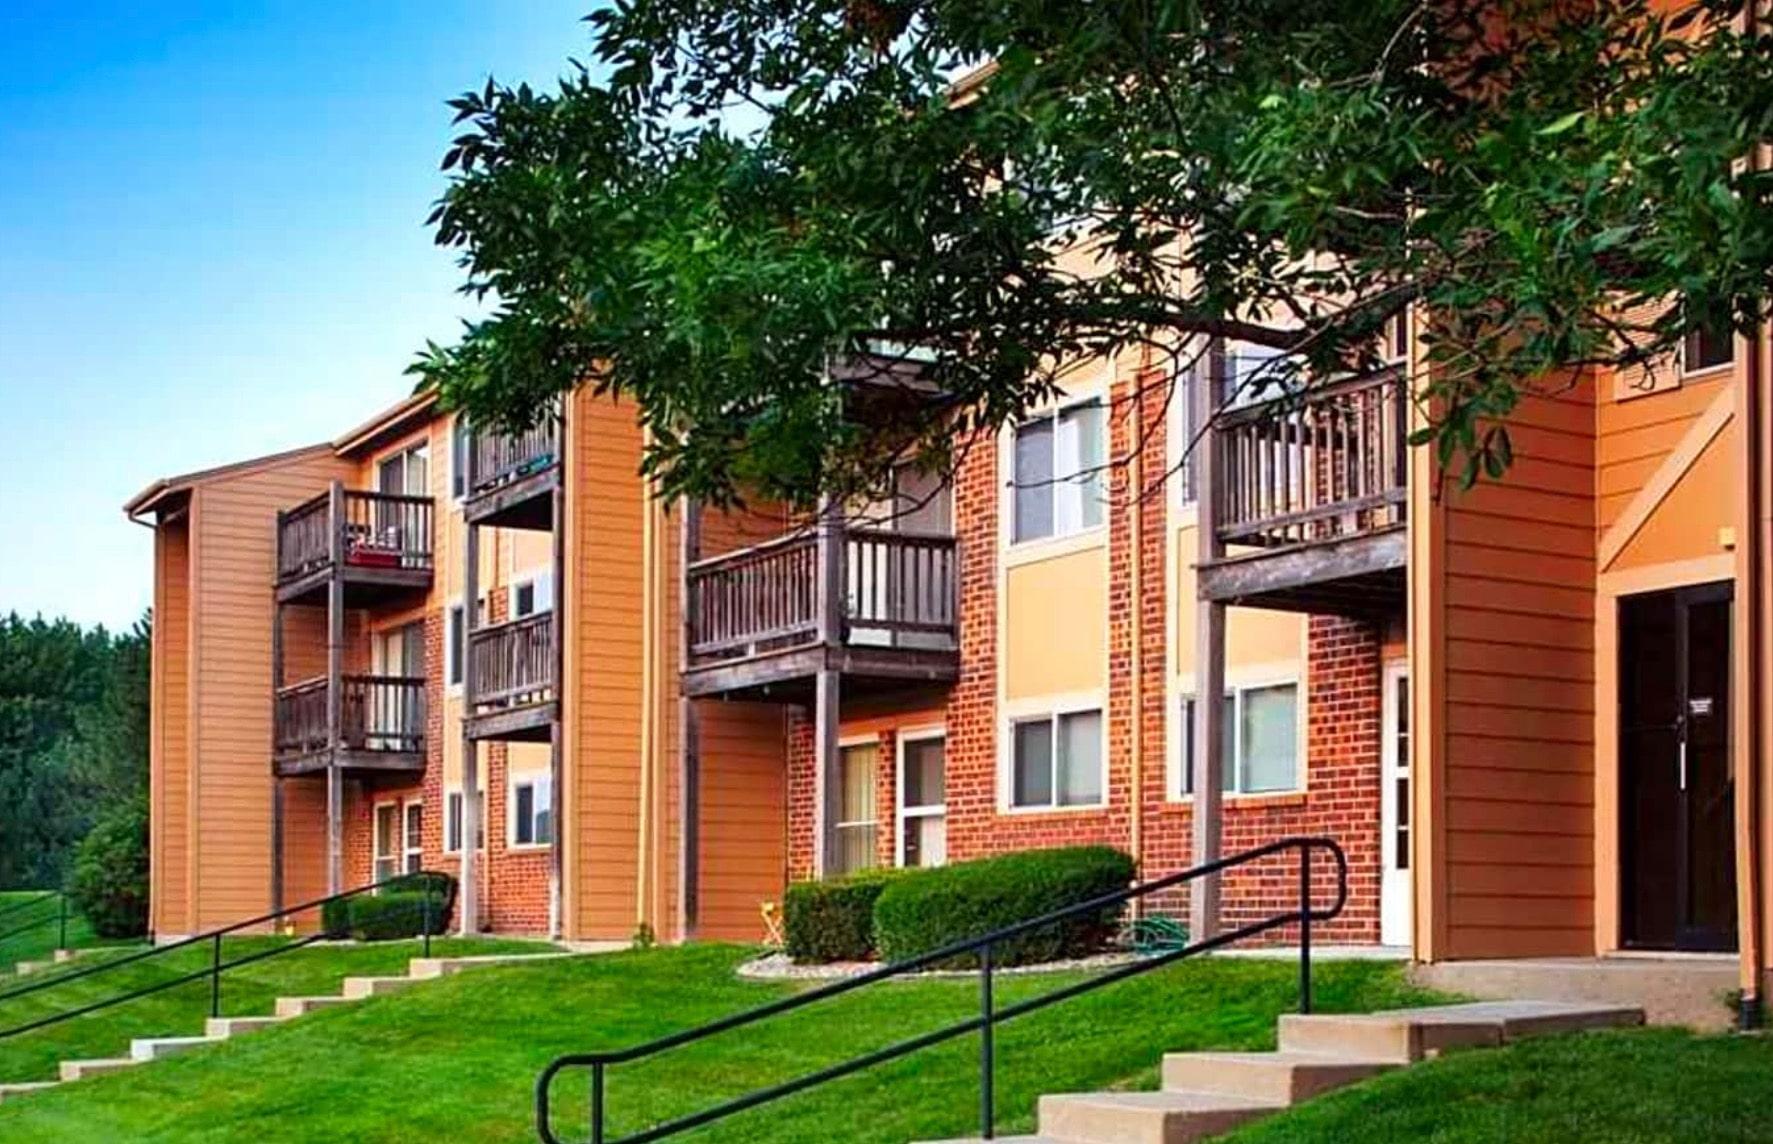 Briarwood by Broadmoor Omaha